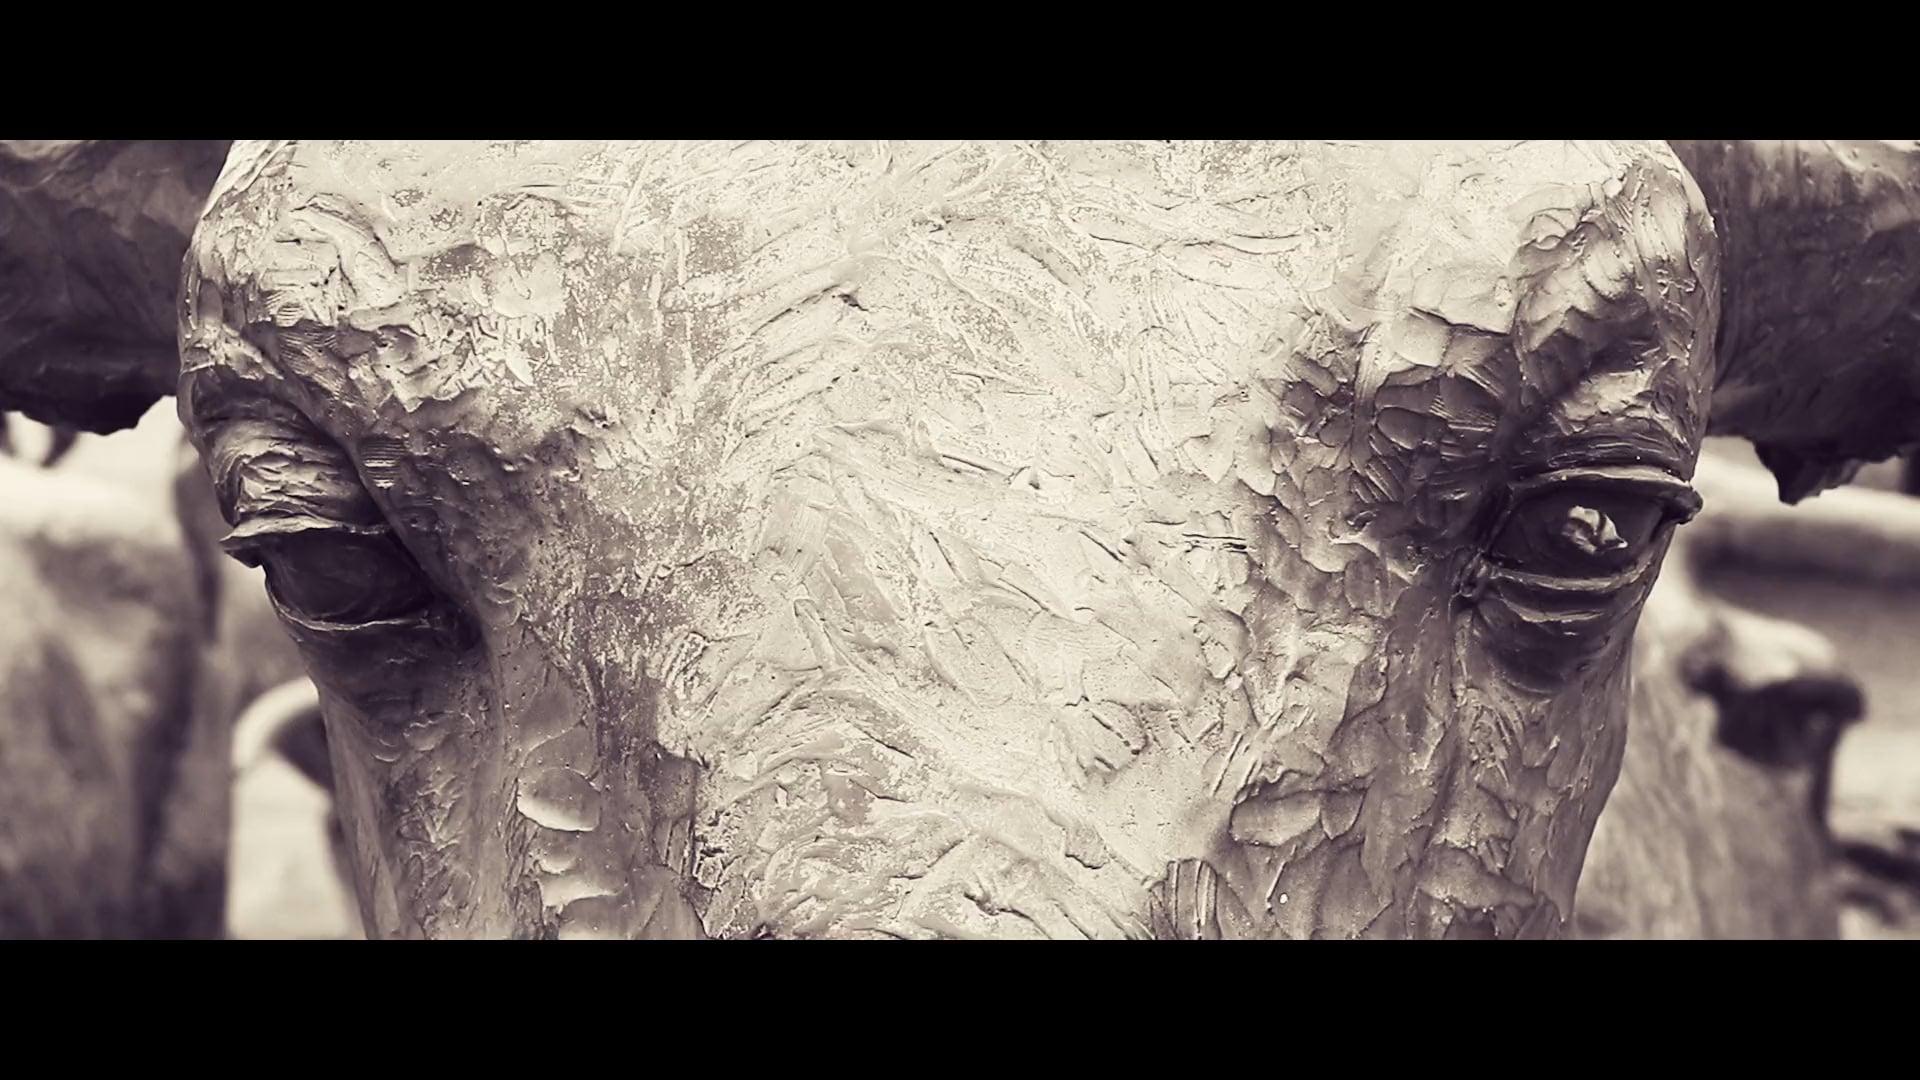 Akin Gump - The Move Trailer - Cinemark Cut